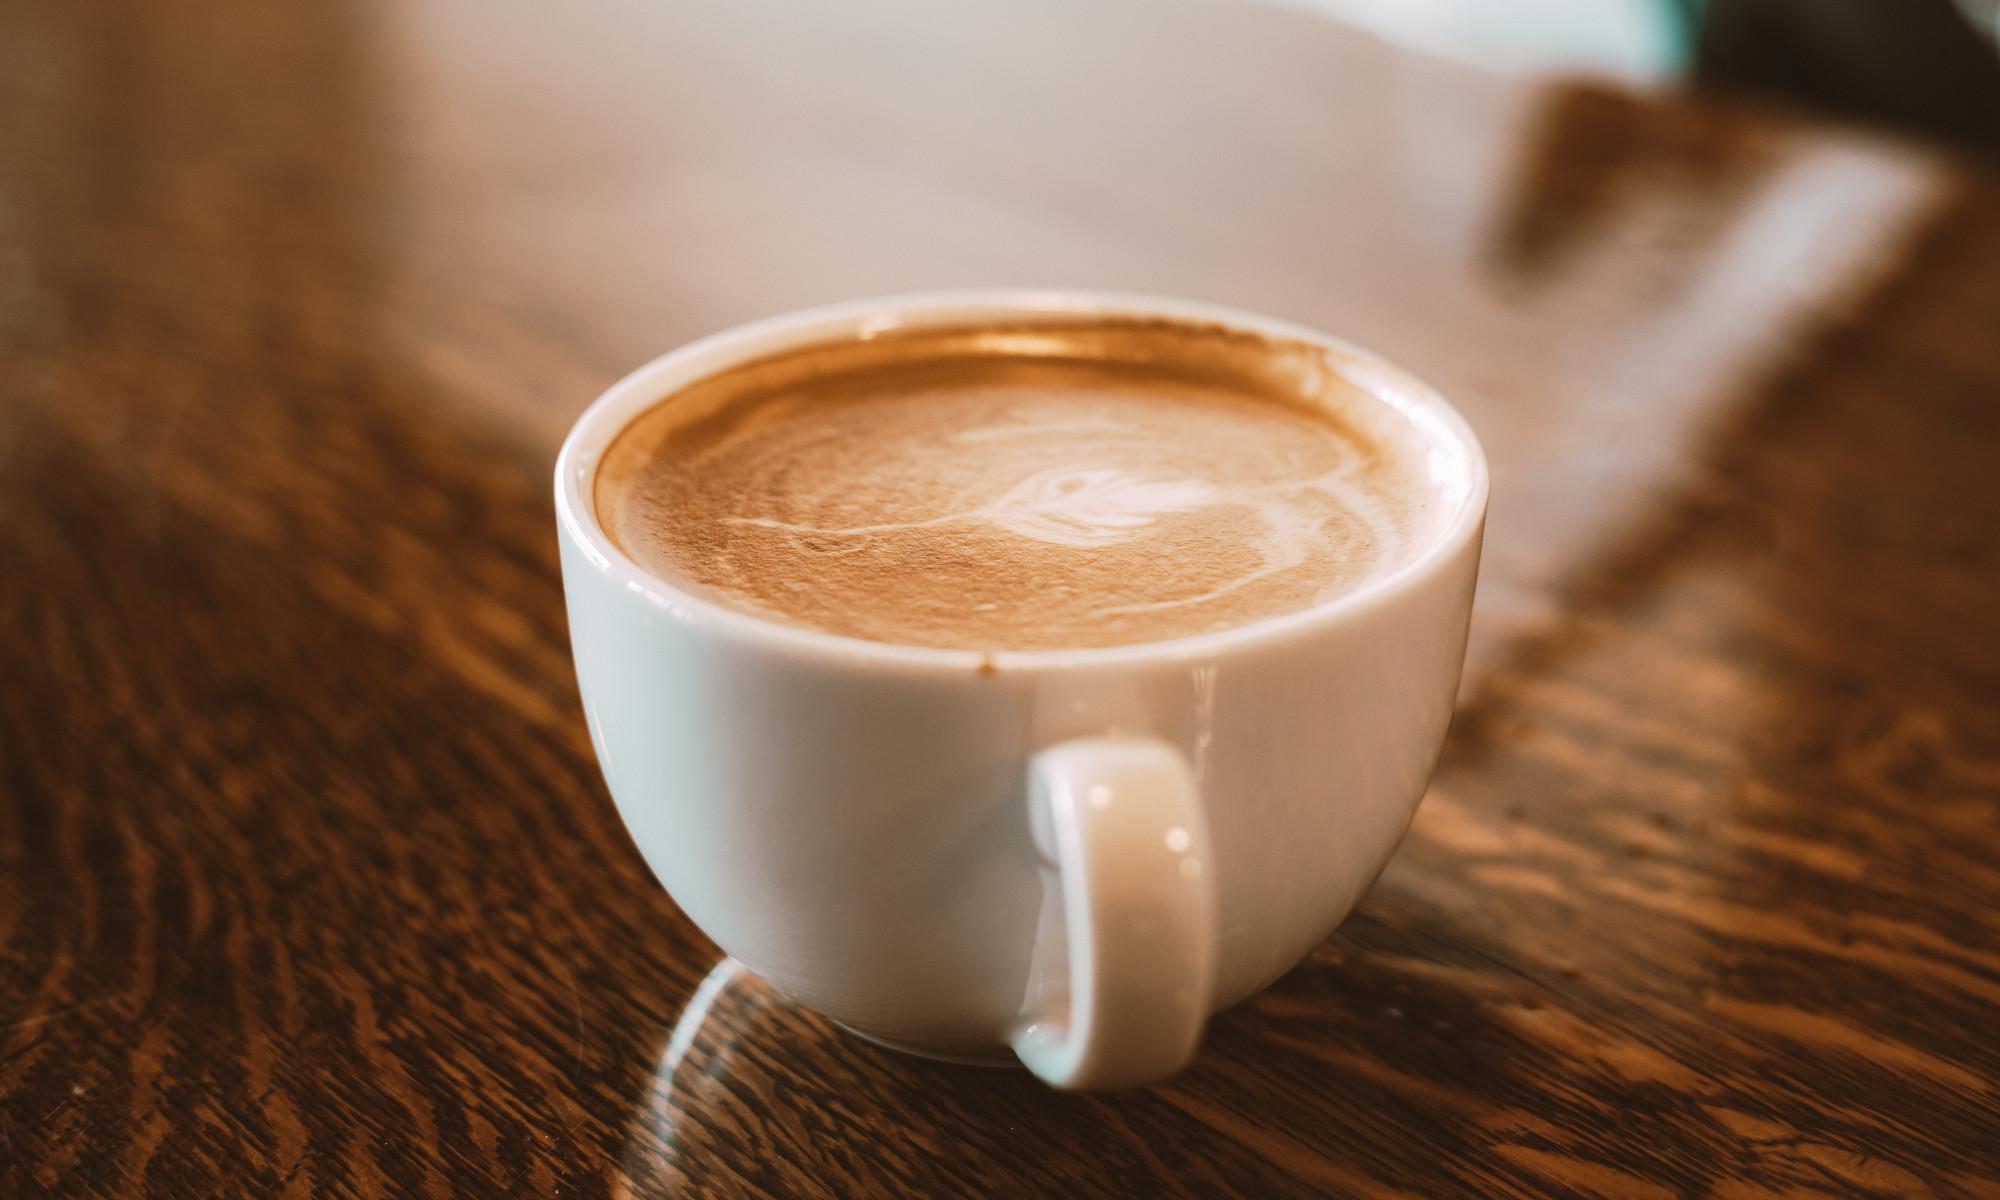 foto de xícara de café com leite